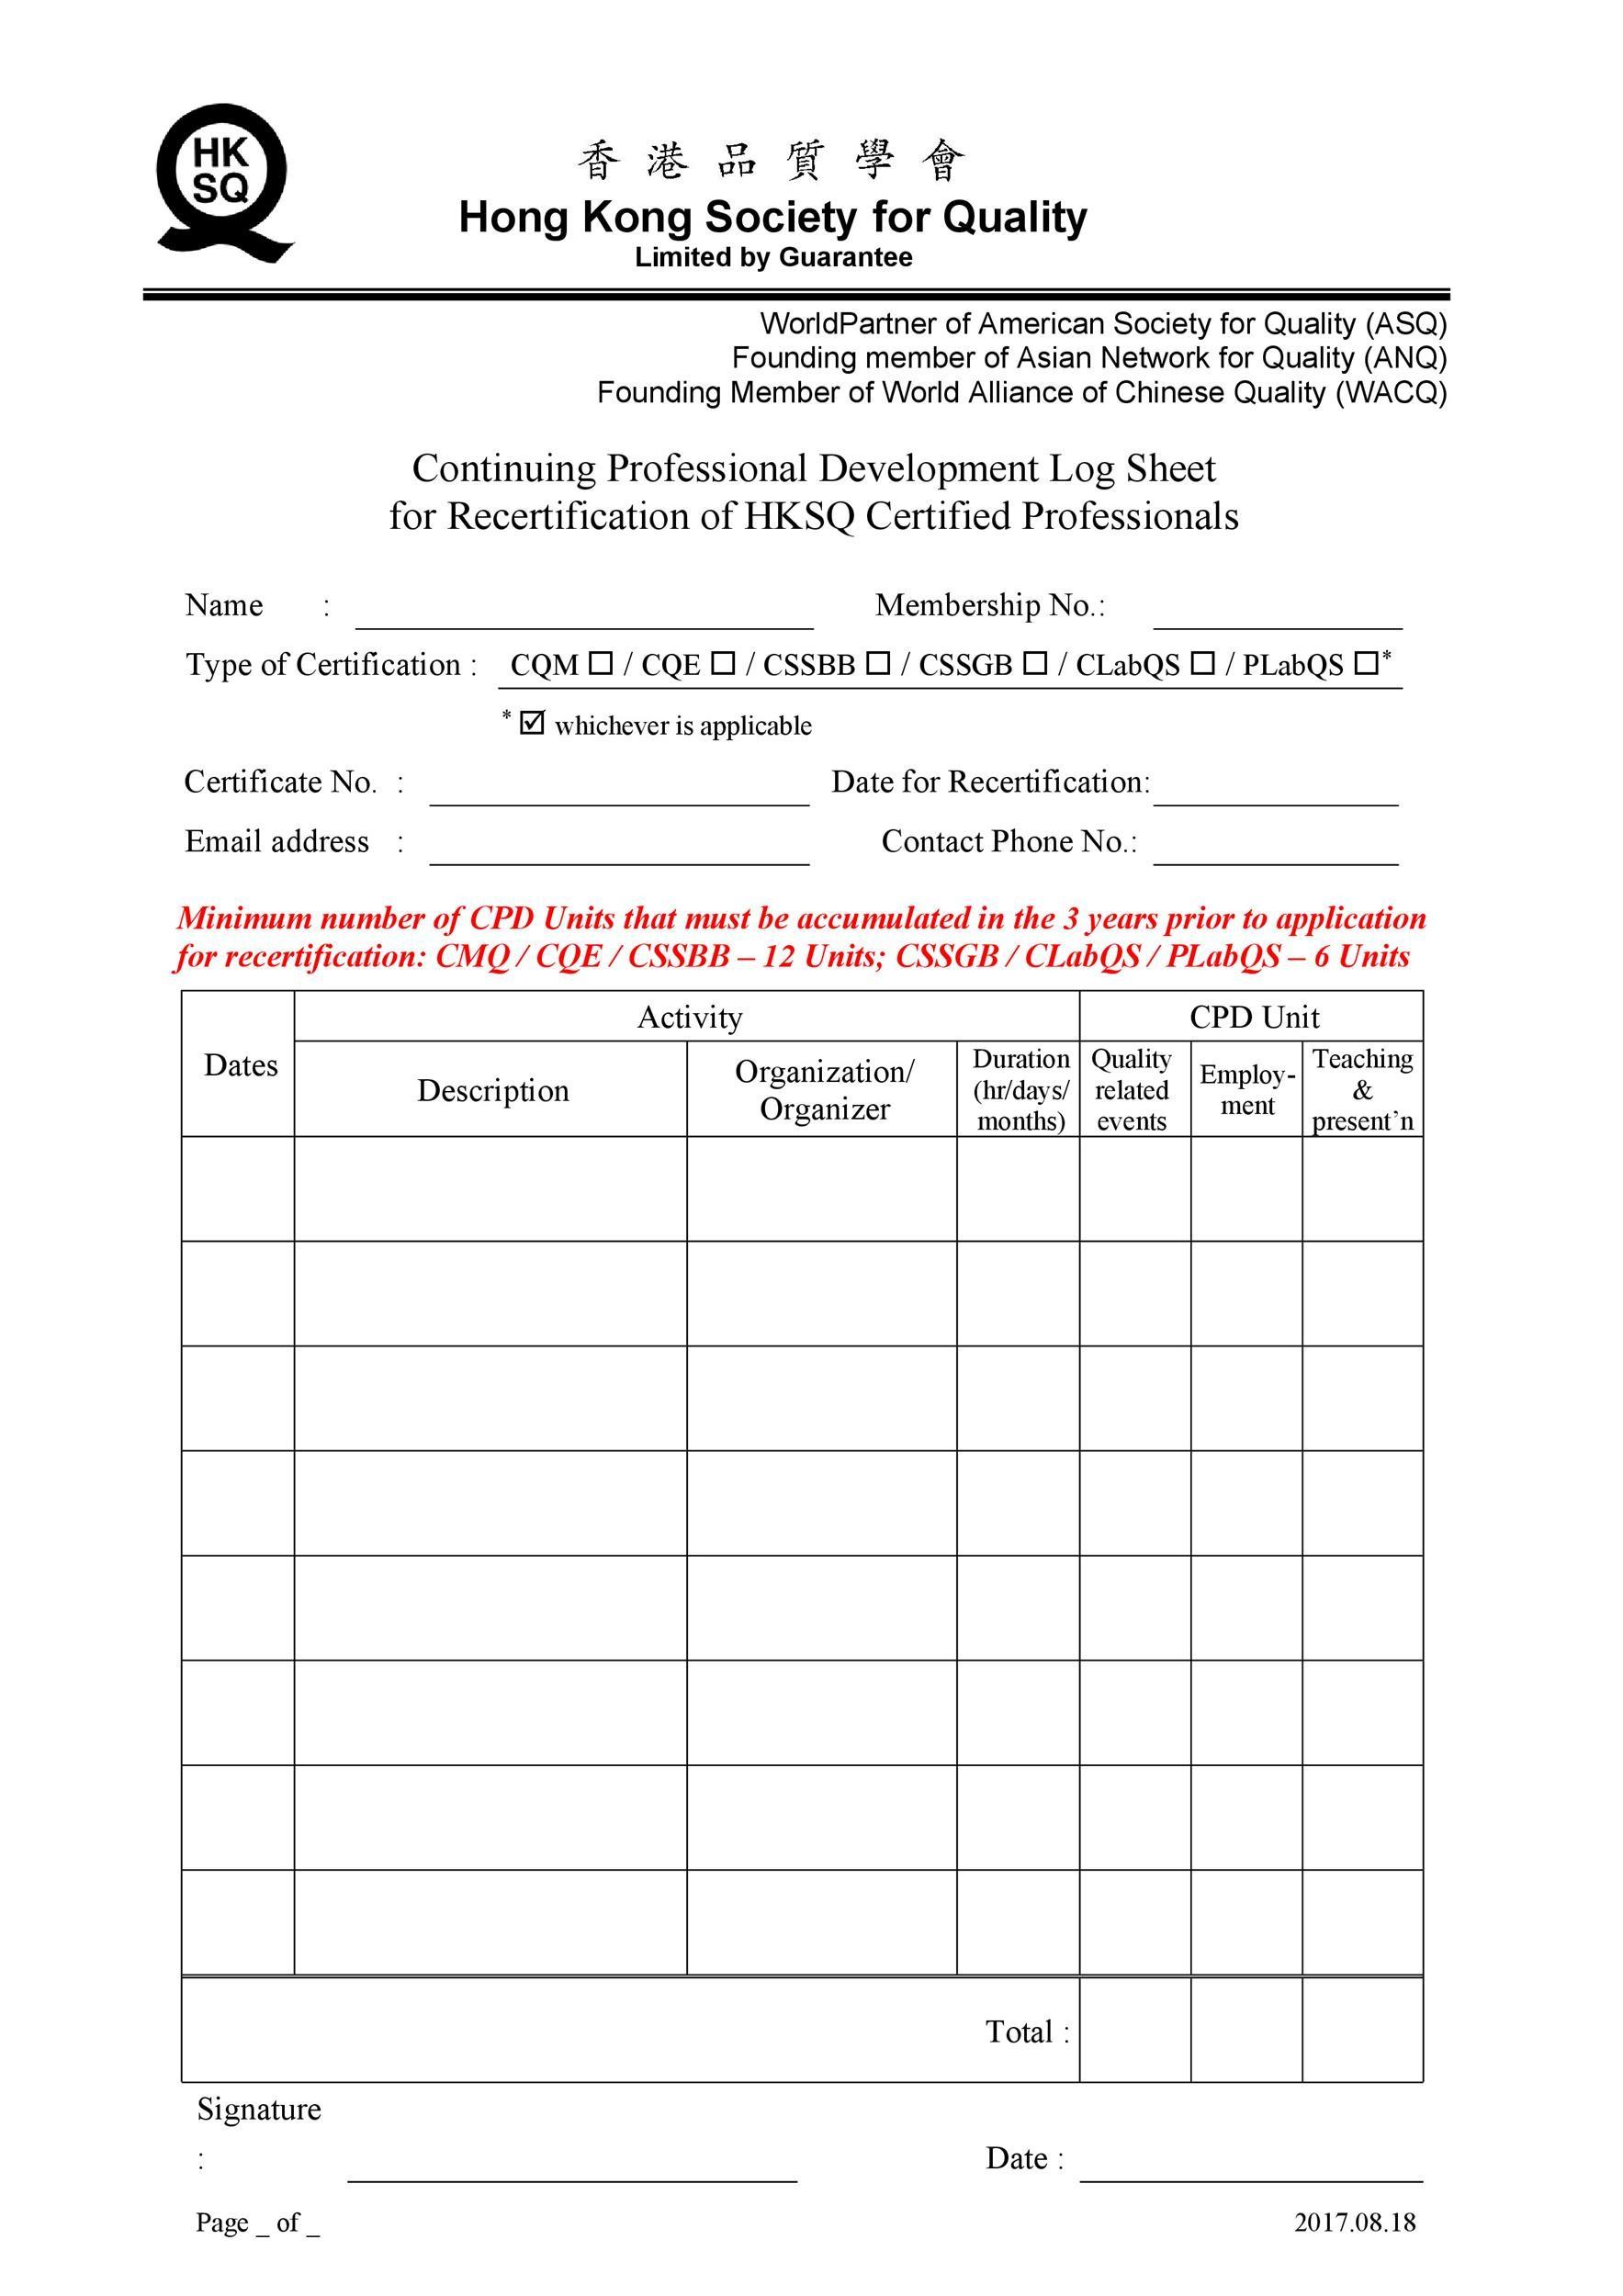 Free log sheet 47